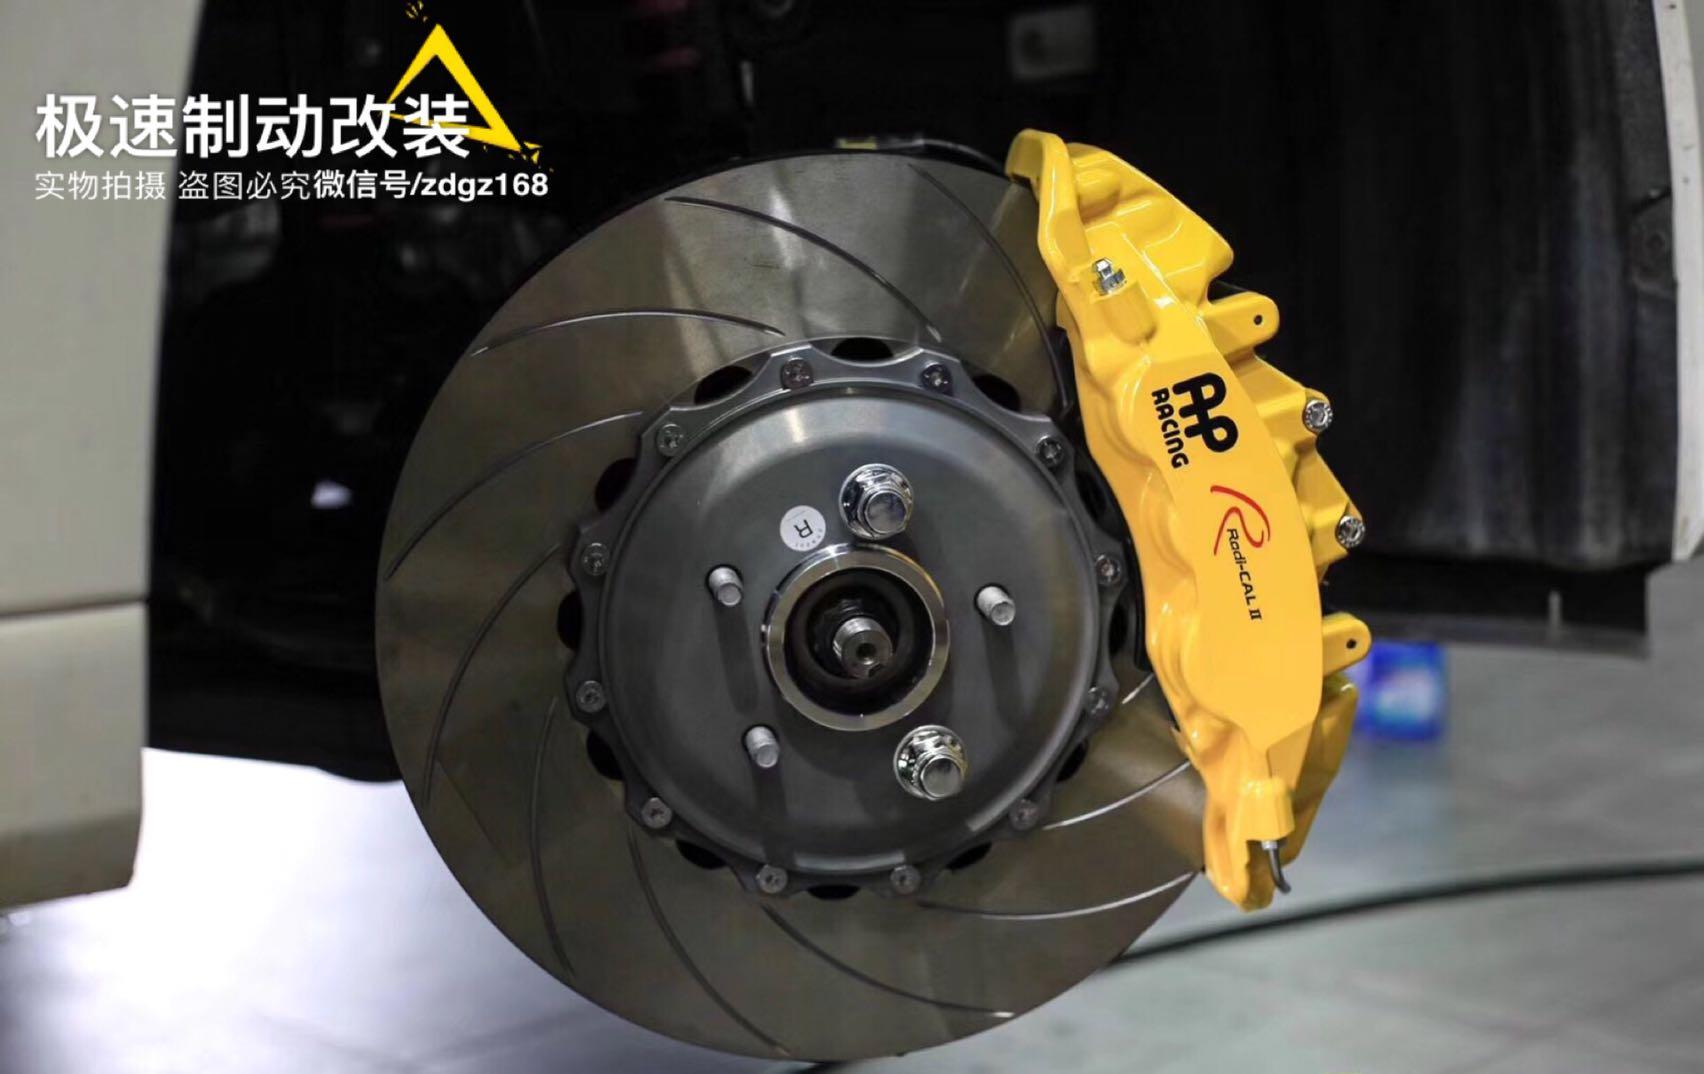 丰田埃尔法30系刹车升级Ap95前六后四刹车套件,后轮双卡钳安装加了电子手刹卡钳,完美升级。